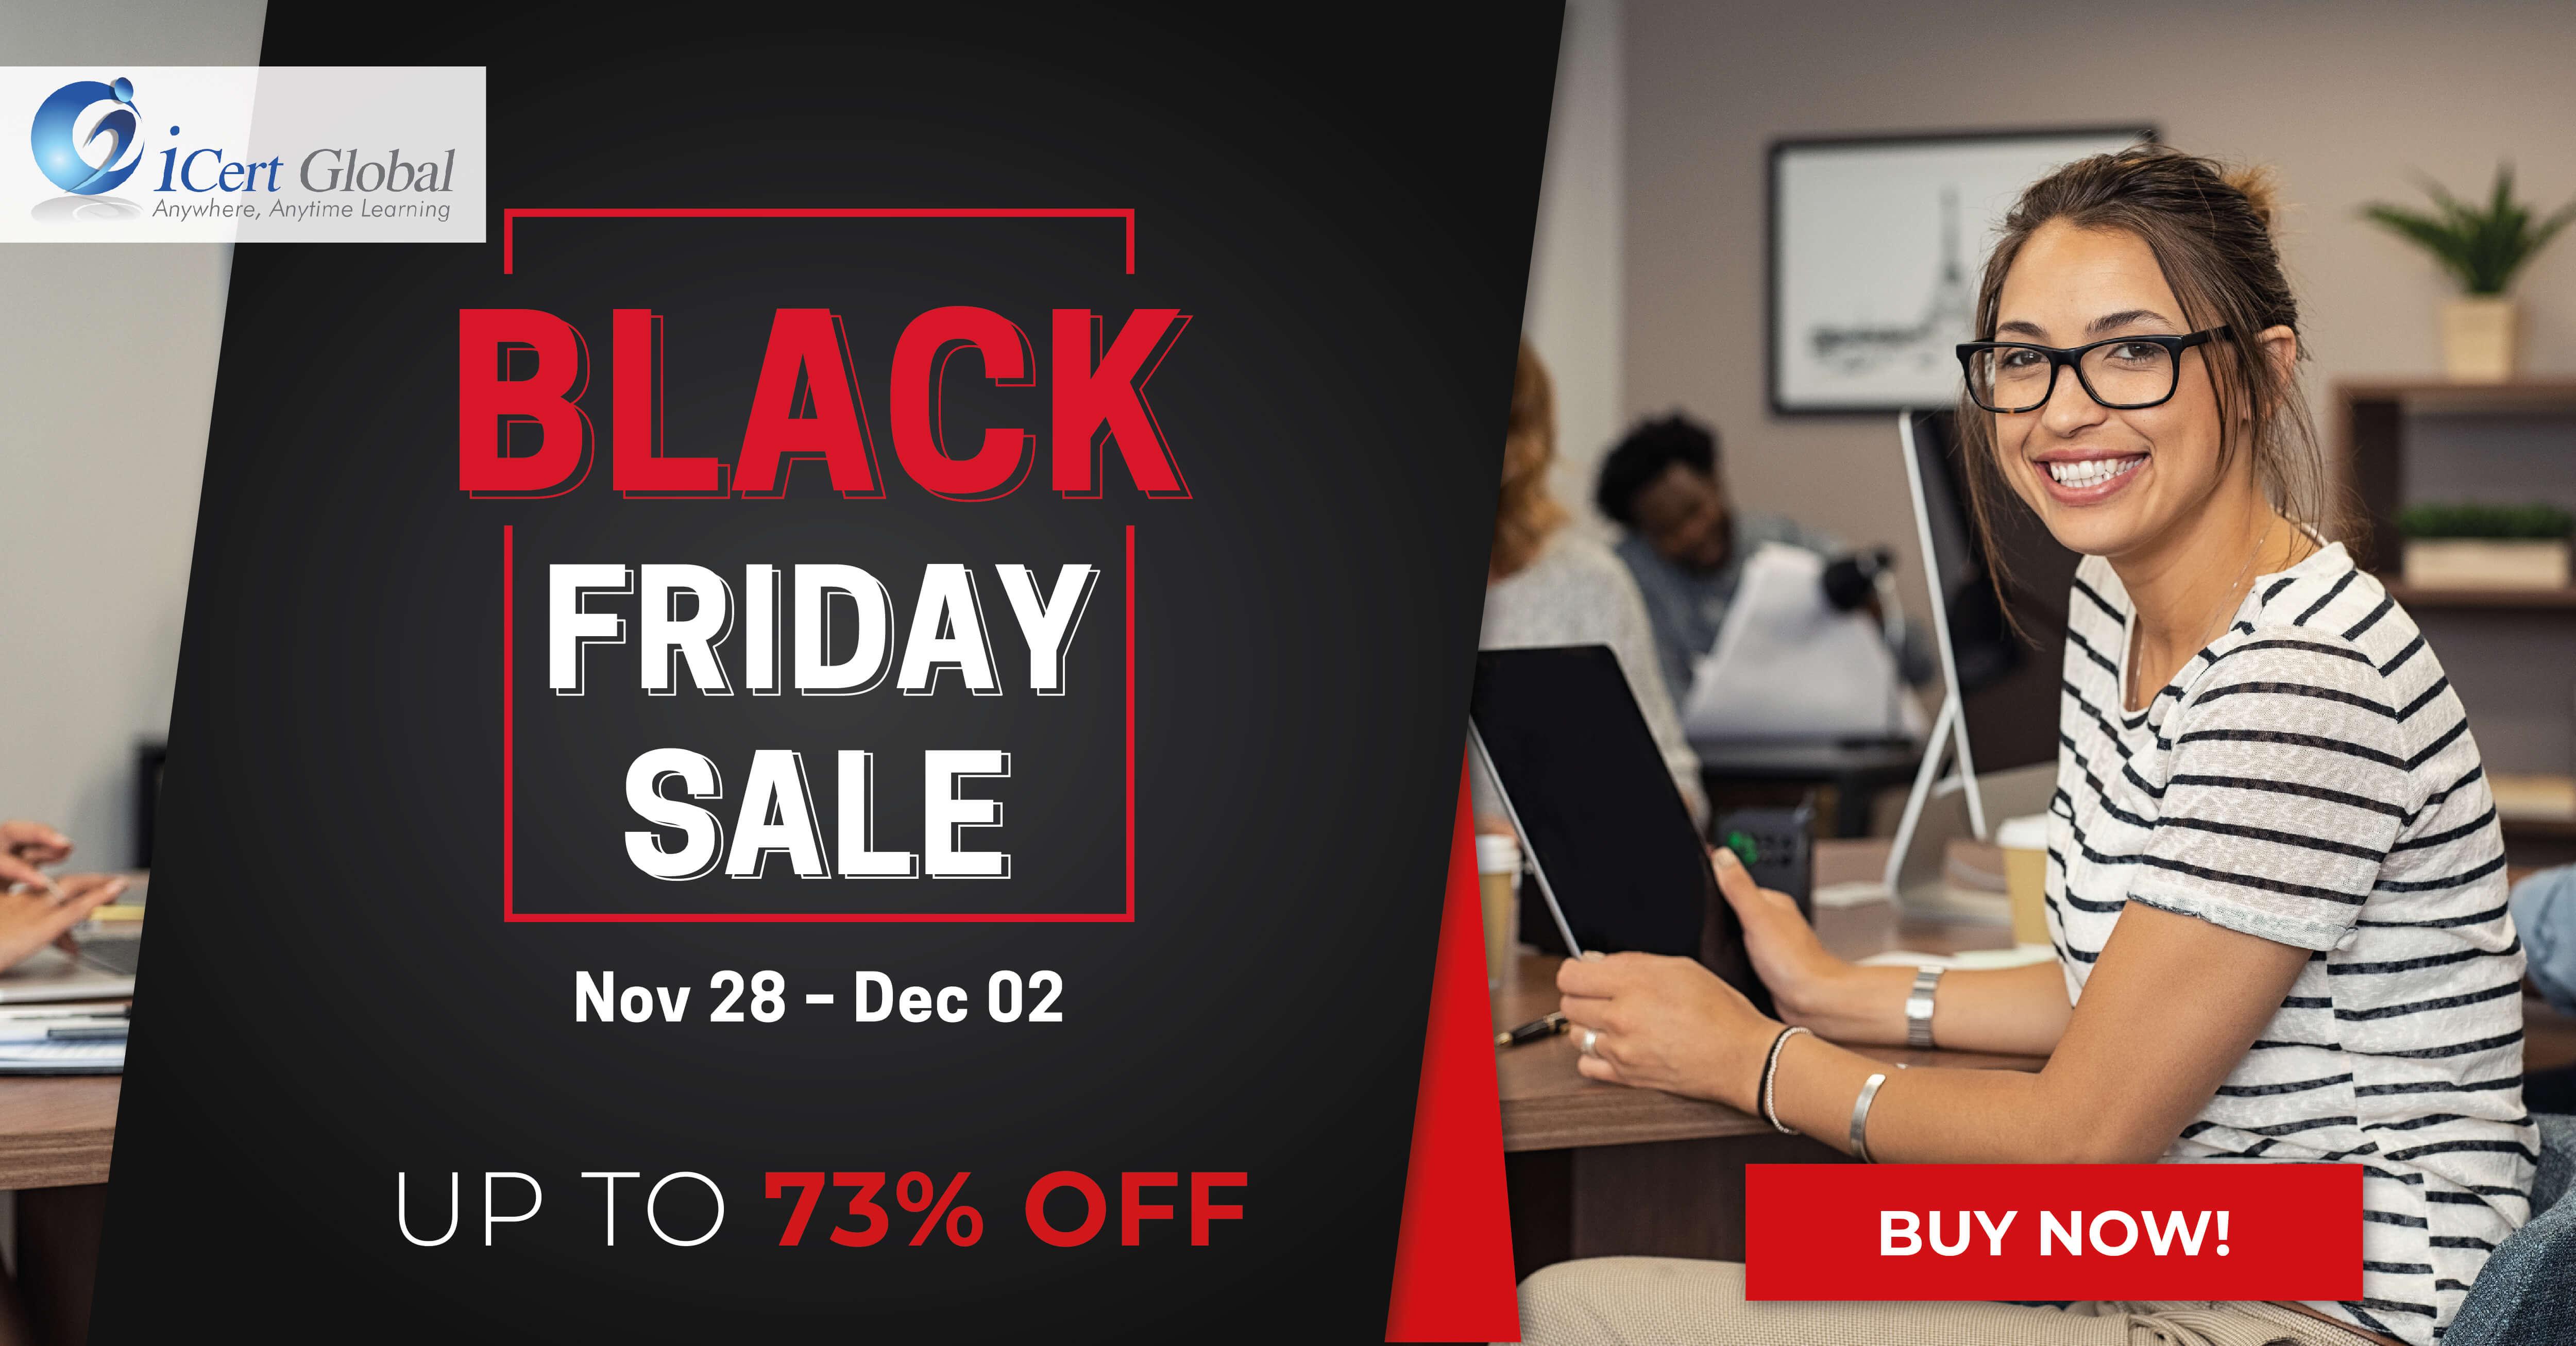 Black Friday Sale Nov 28 Dec 02 2019 5 Big Days Of Sale Up To 73 Off Icert Global